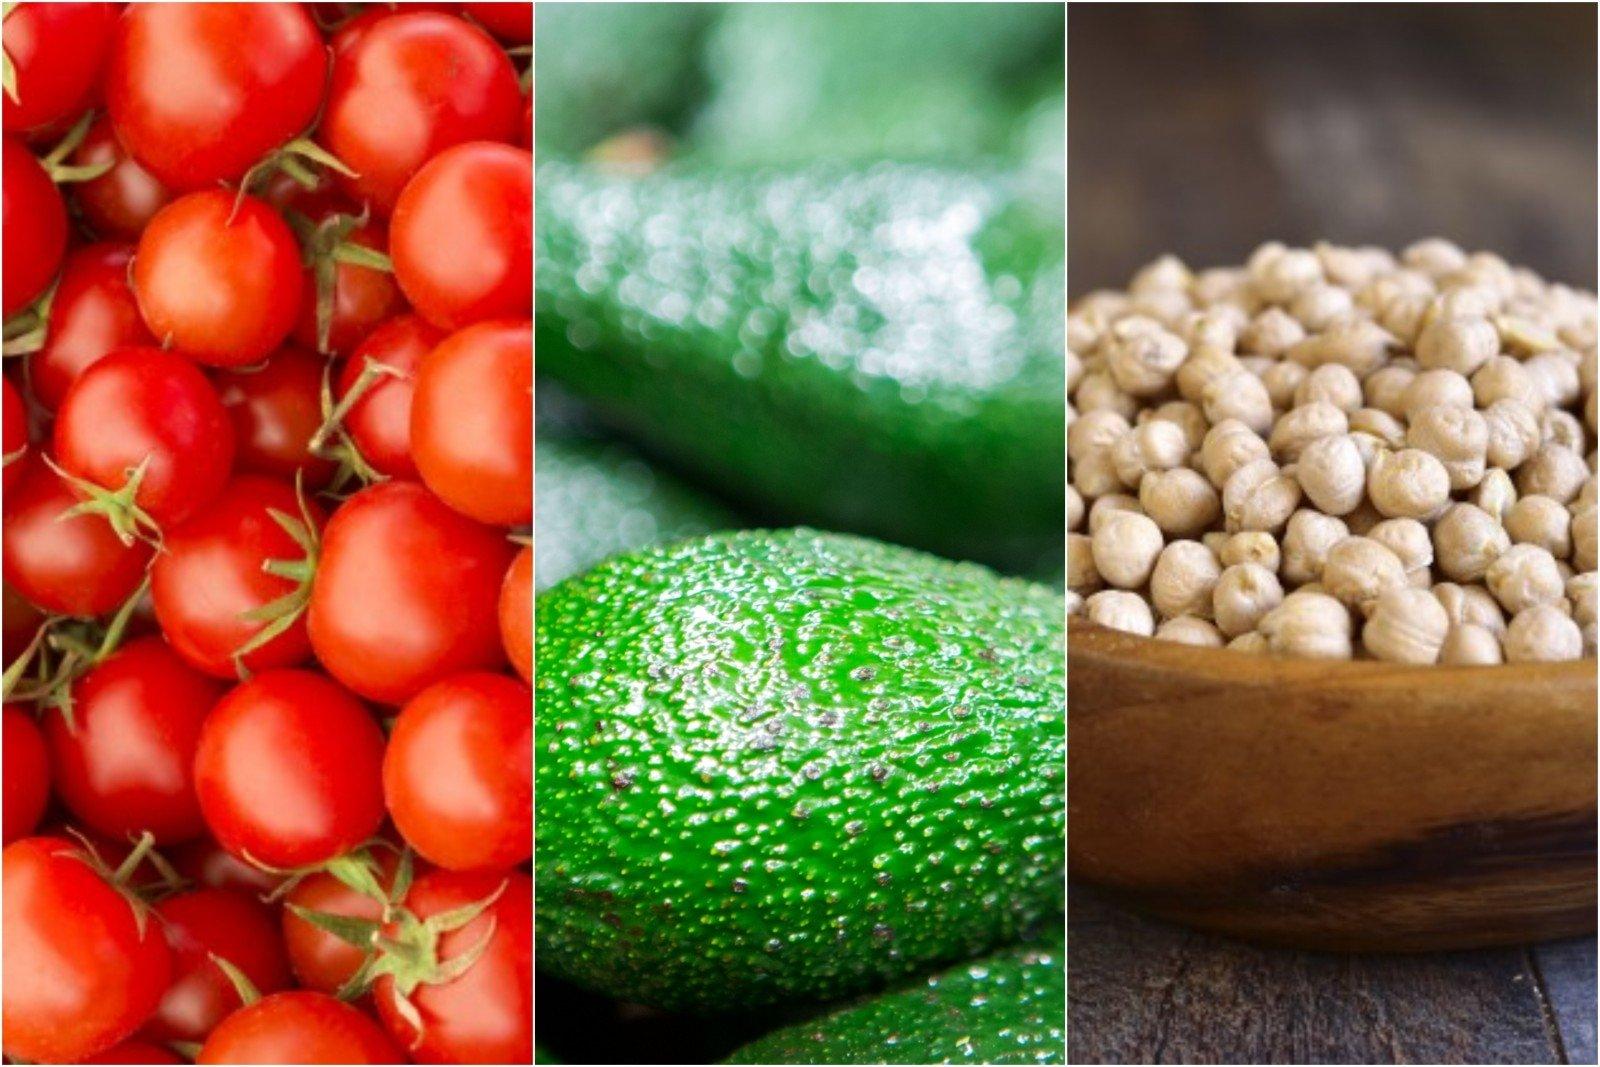 5 sveiki maisto produktai skatina širdies sveikatą